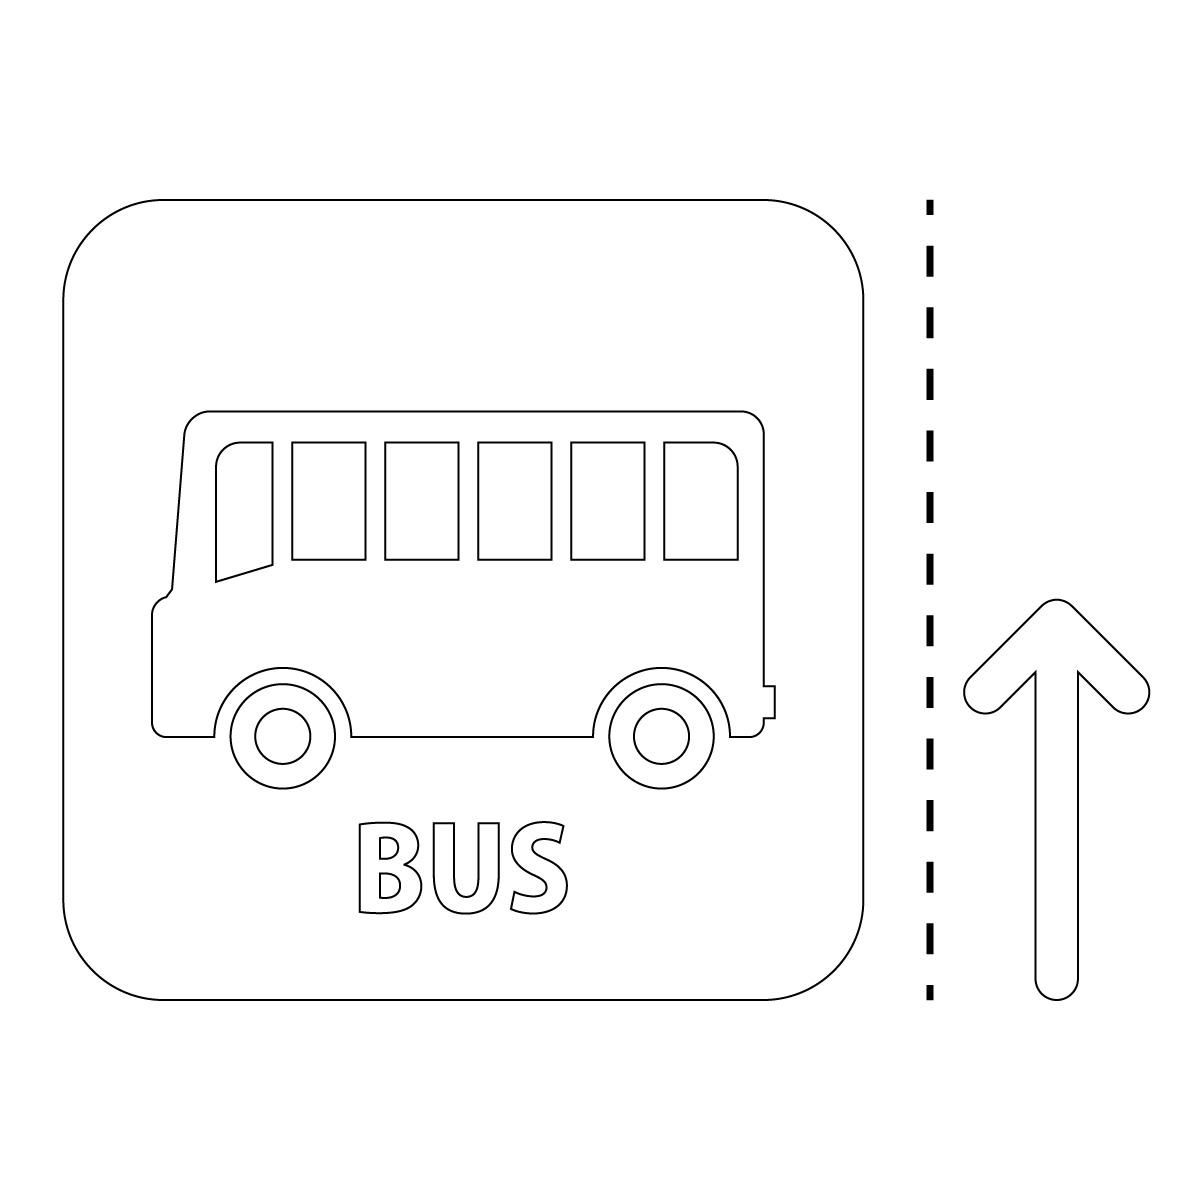 白色のバス案内マーク(矢印付き)のカッティングステッカー・シール